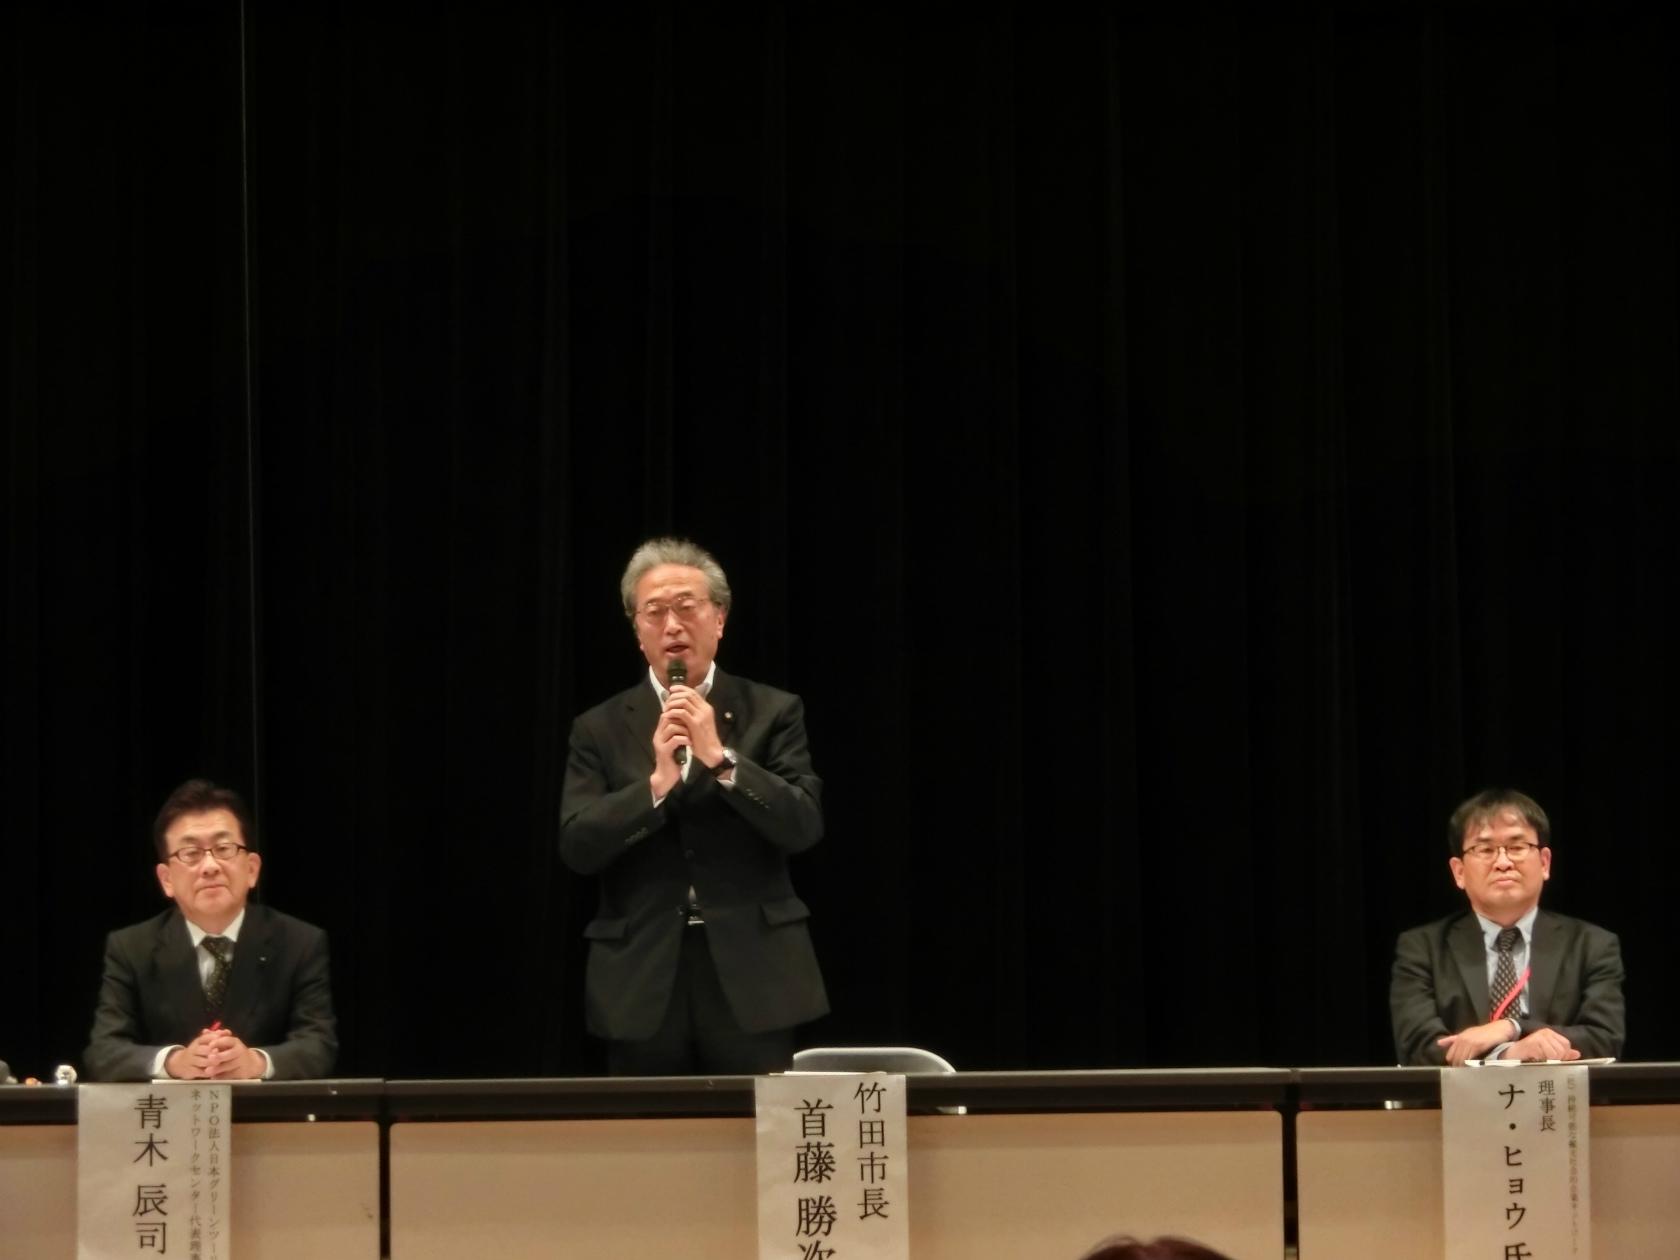 第二回アジアフェアツーリズム国際大会に参加しました!③_e0061225_1742750.jpg